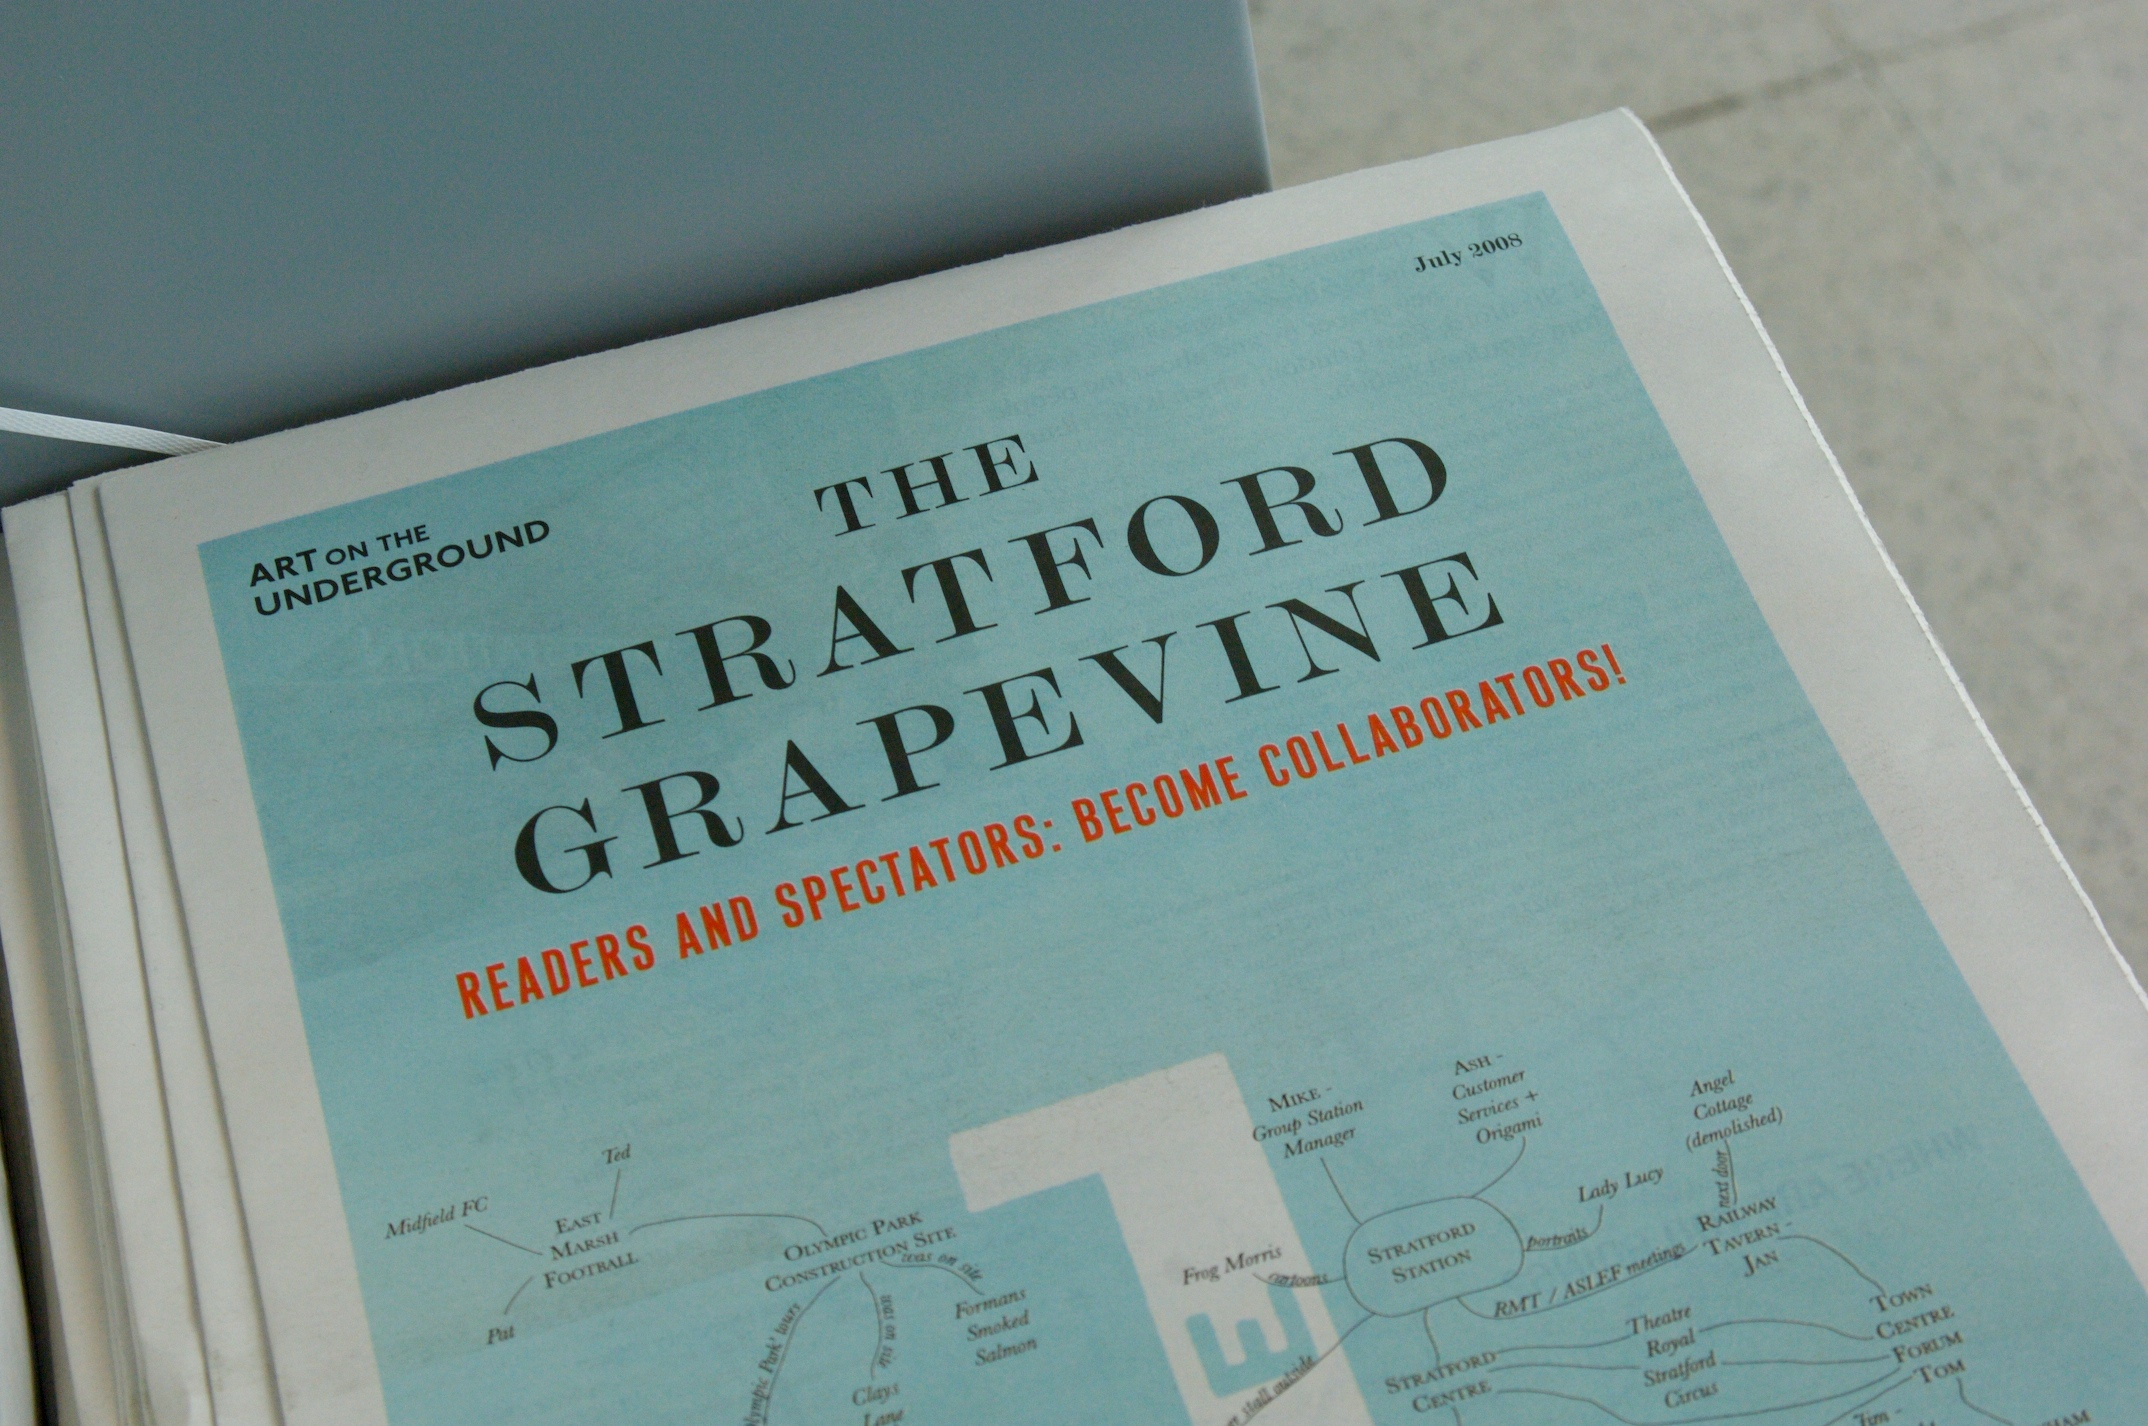 The Stratford Grapevine